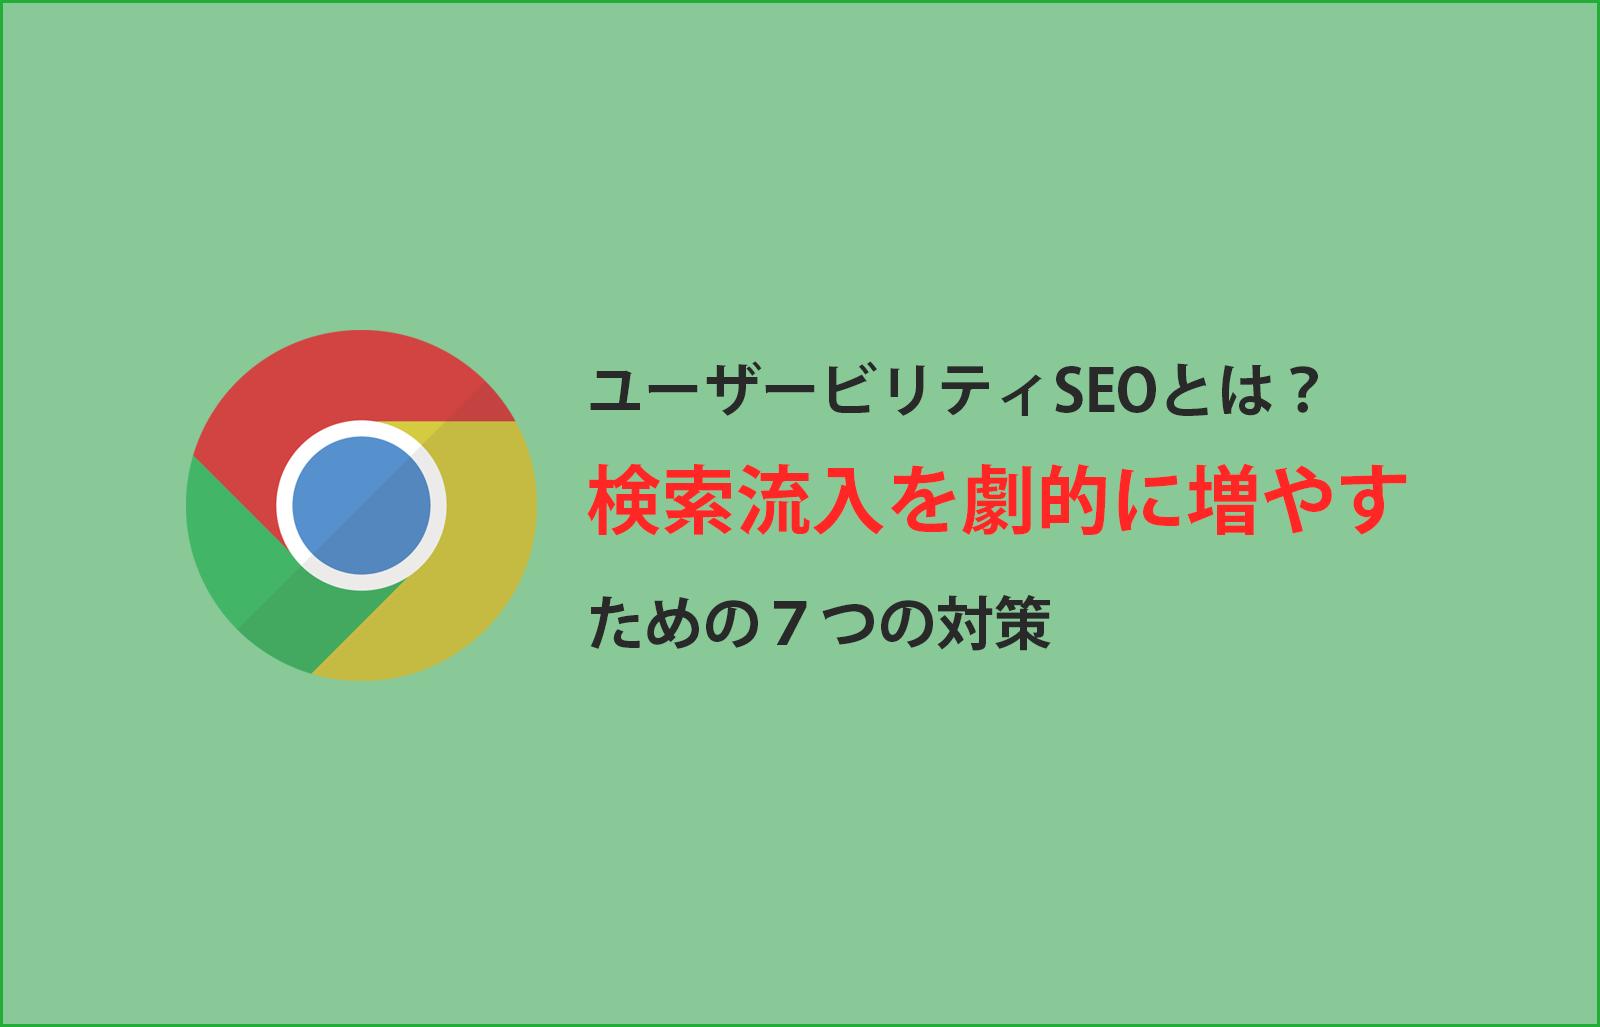 ユーザービリティSEOとは?検索流入を劇的に増やすための7つの対策